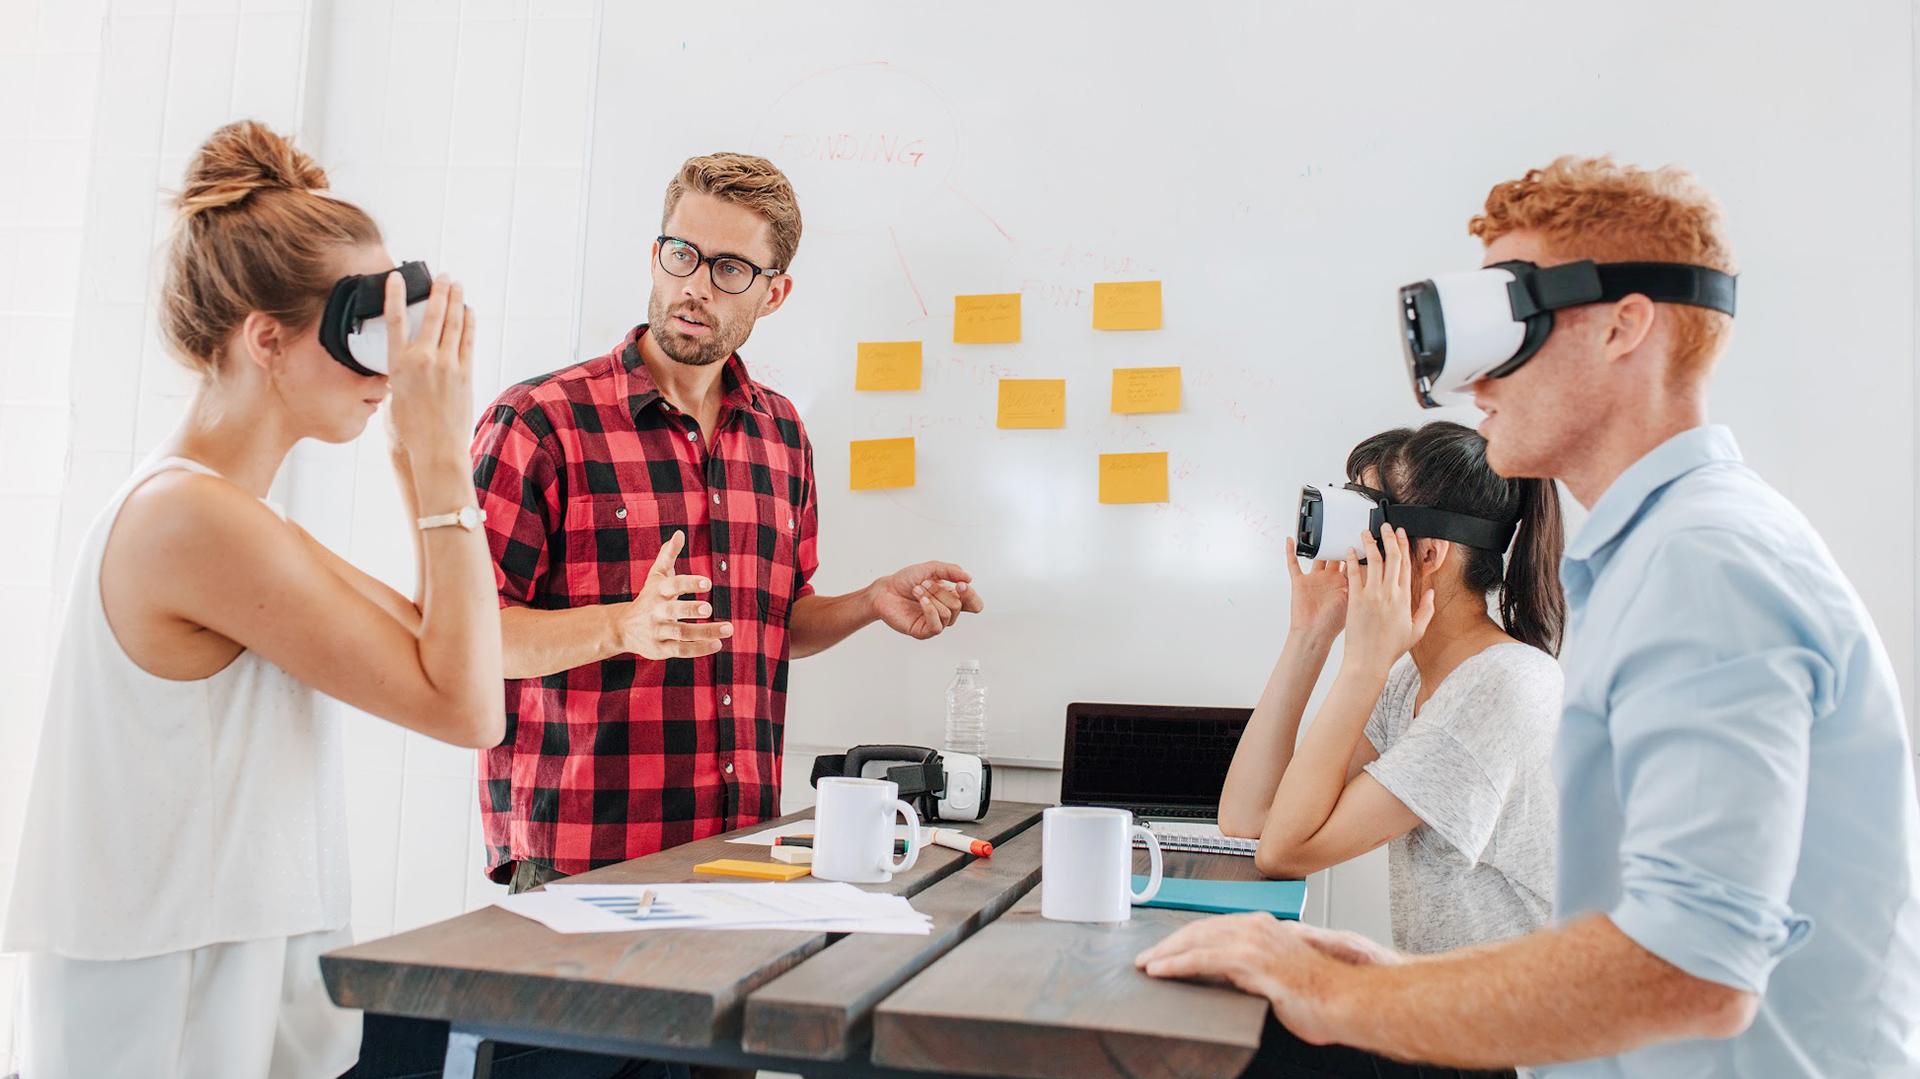 """Está probado que los espacios de """"desconexión"""" mejoran la creatividad y el rendimiento de los empleados (IStock)"""